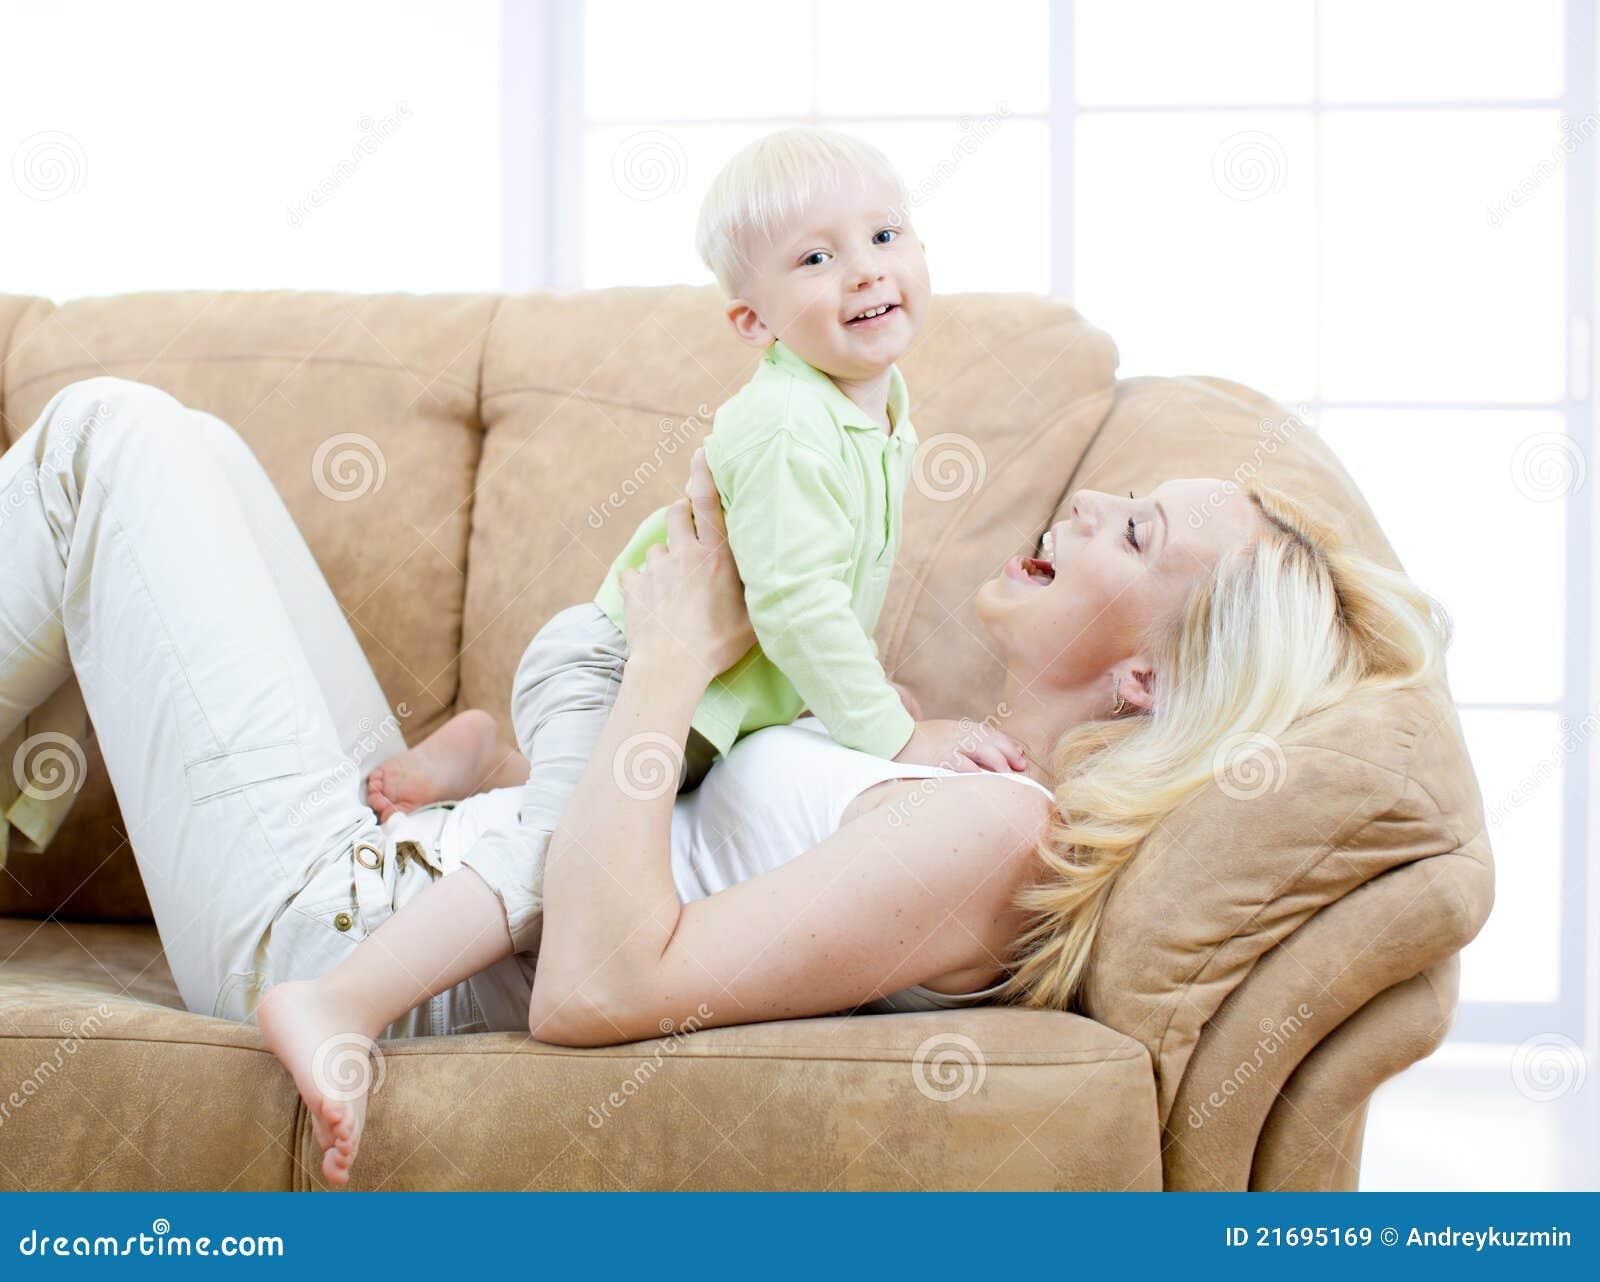 Секс сын трахает мать на диване, Порно русских мамочек, сын трахает маму 23 фотография